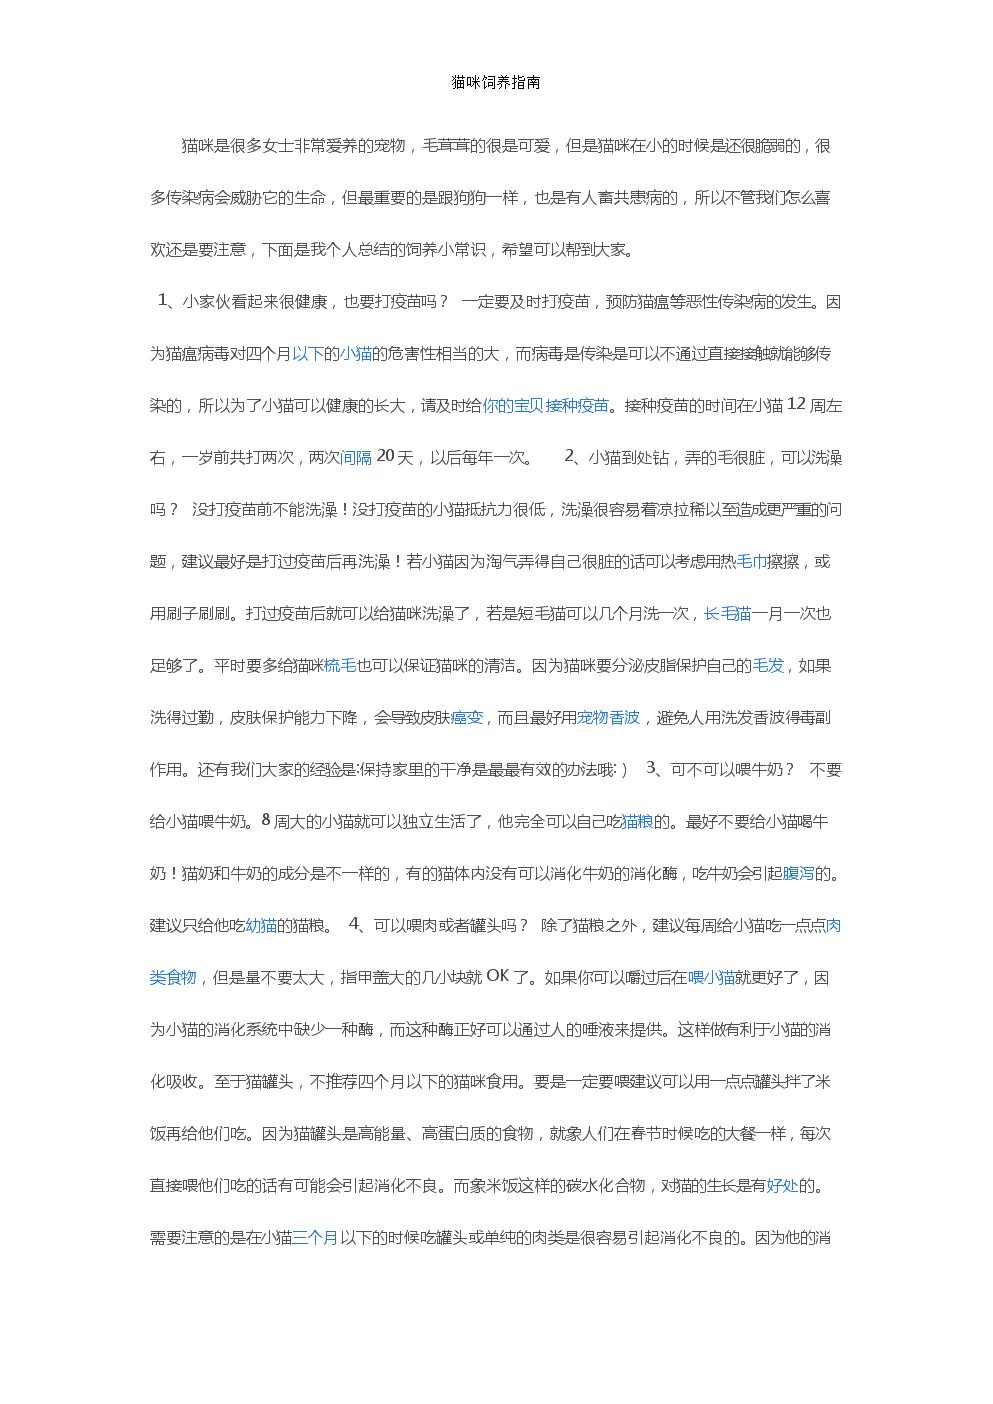 猫咪饲养指南.doc